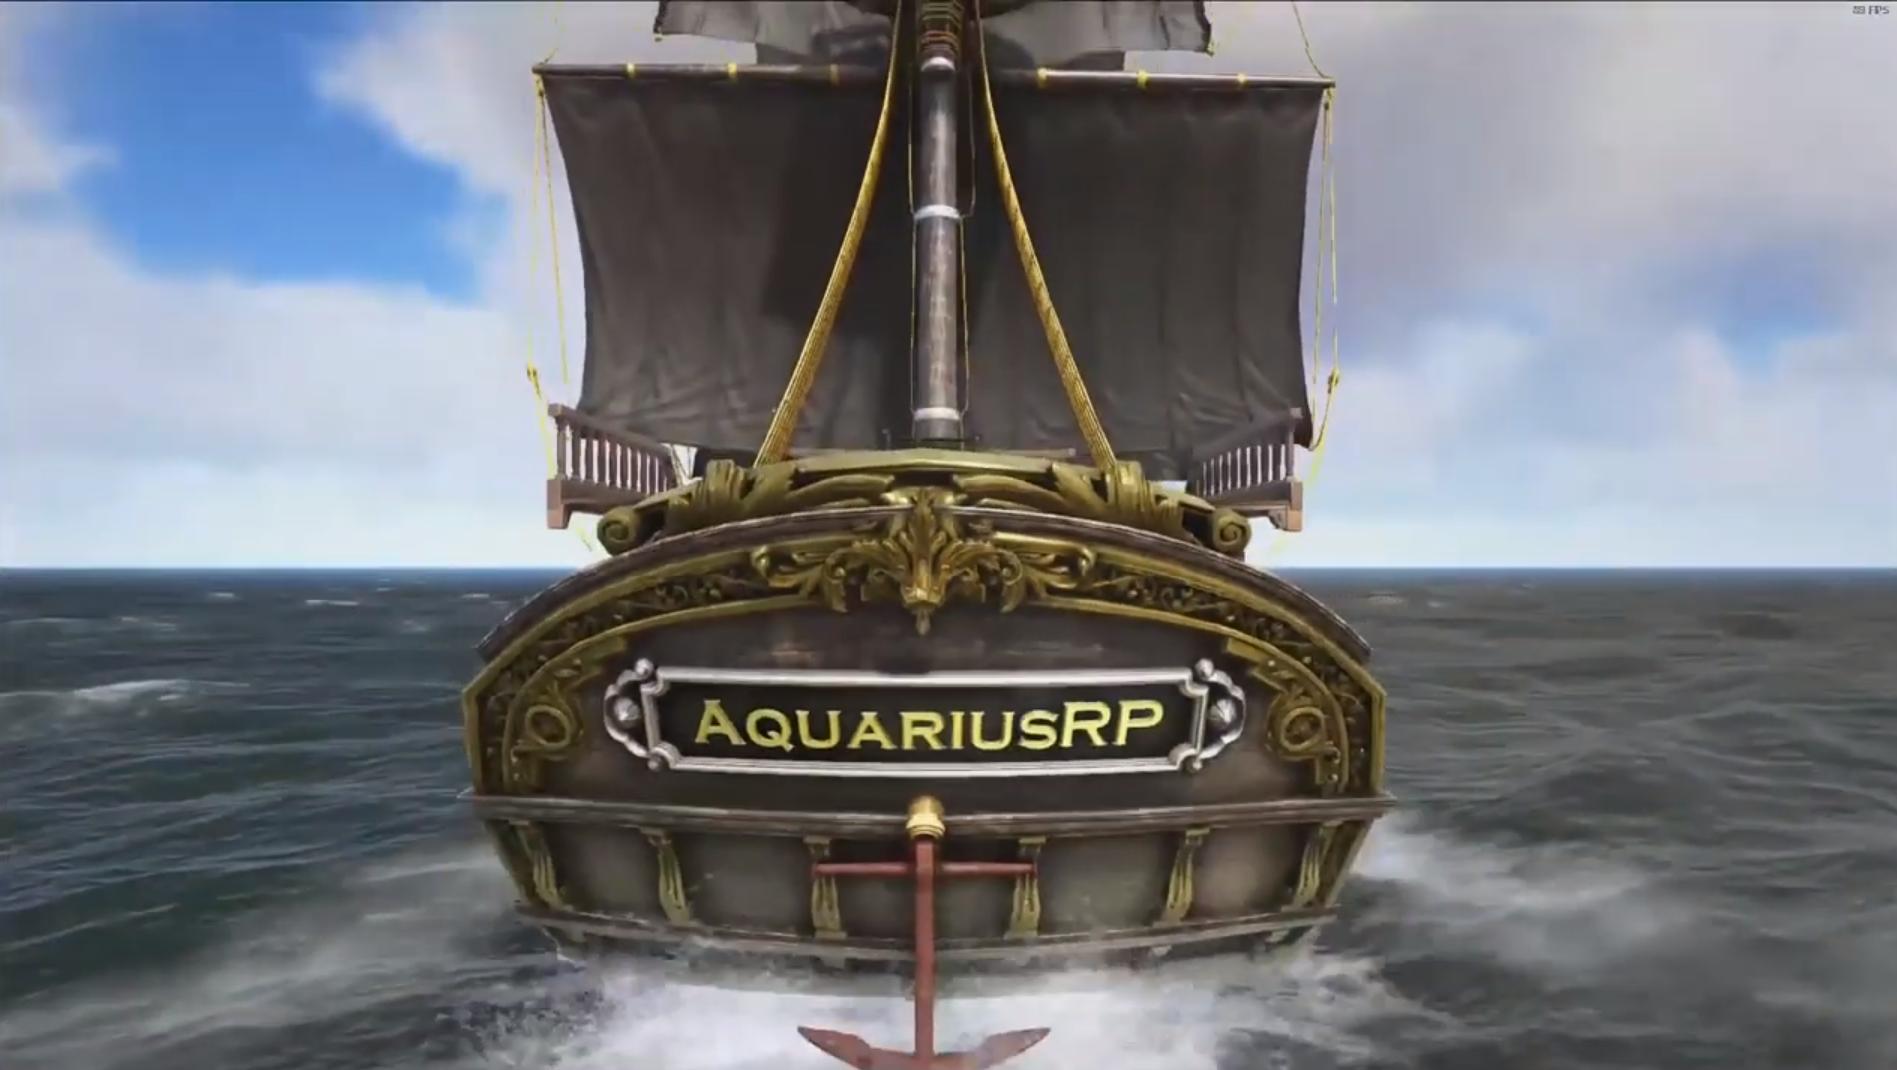 AquariusRP